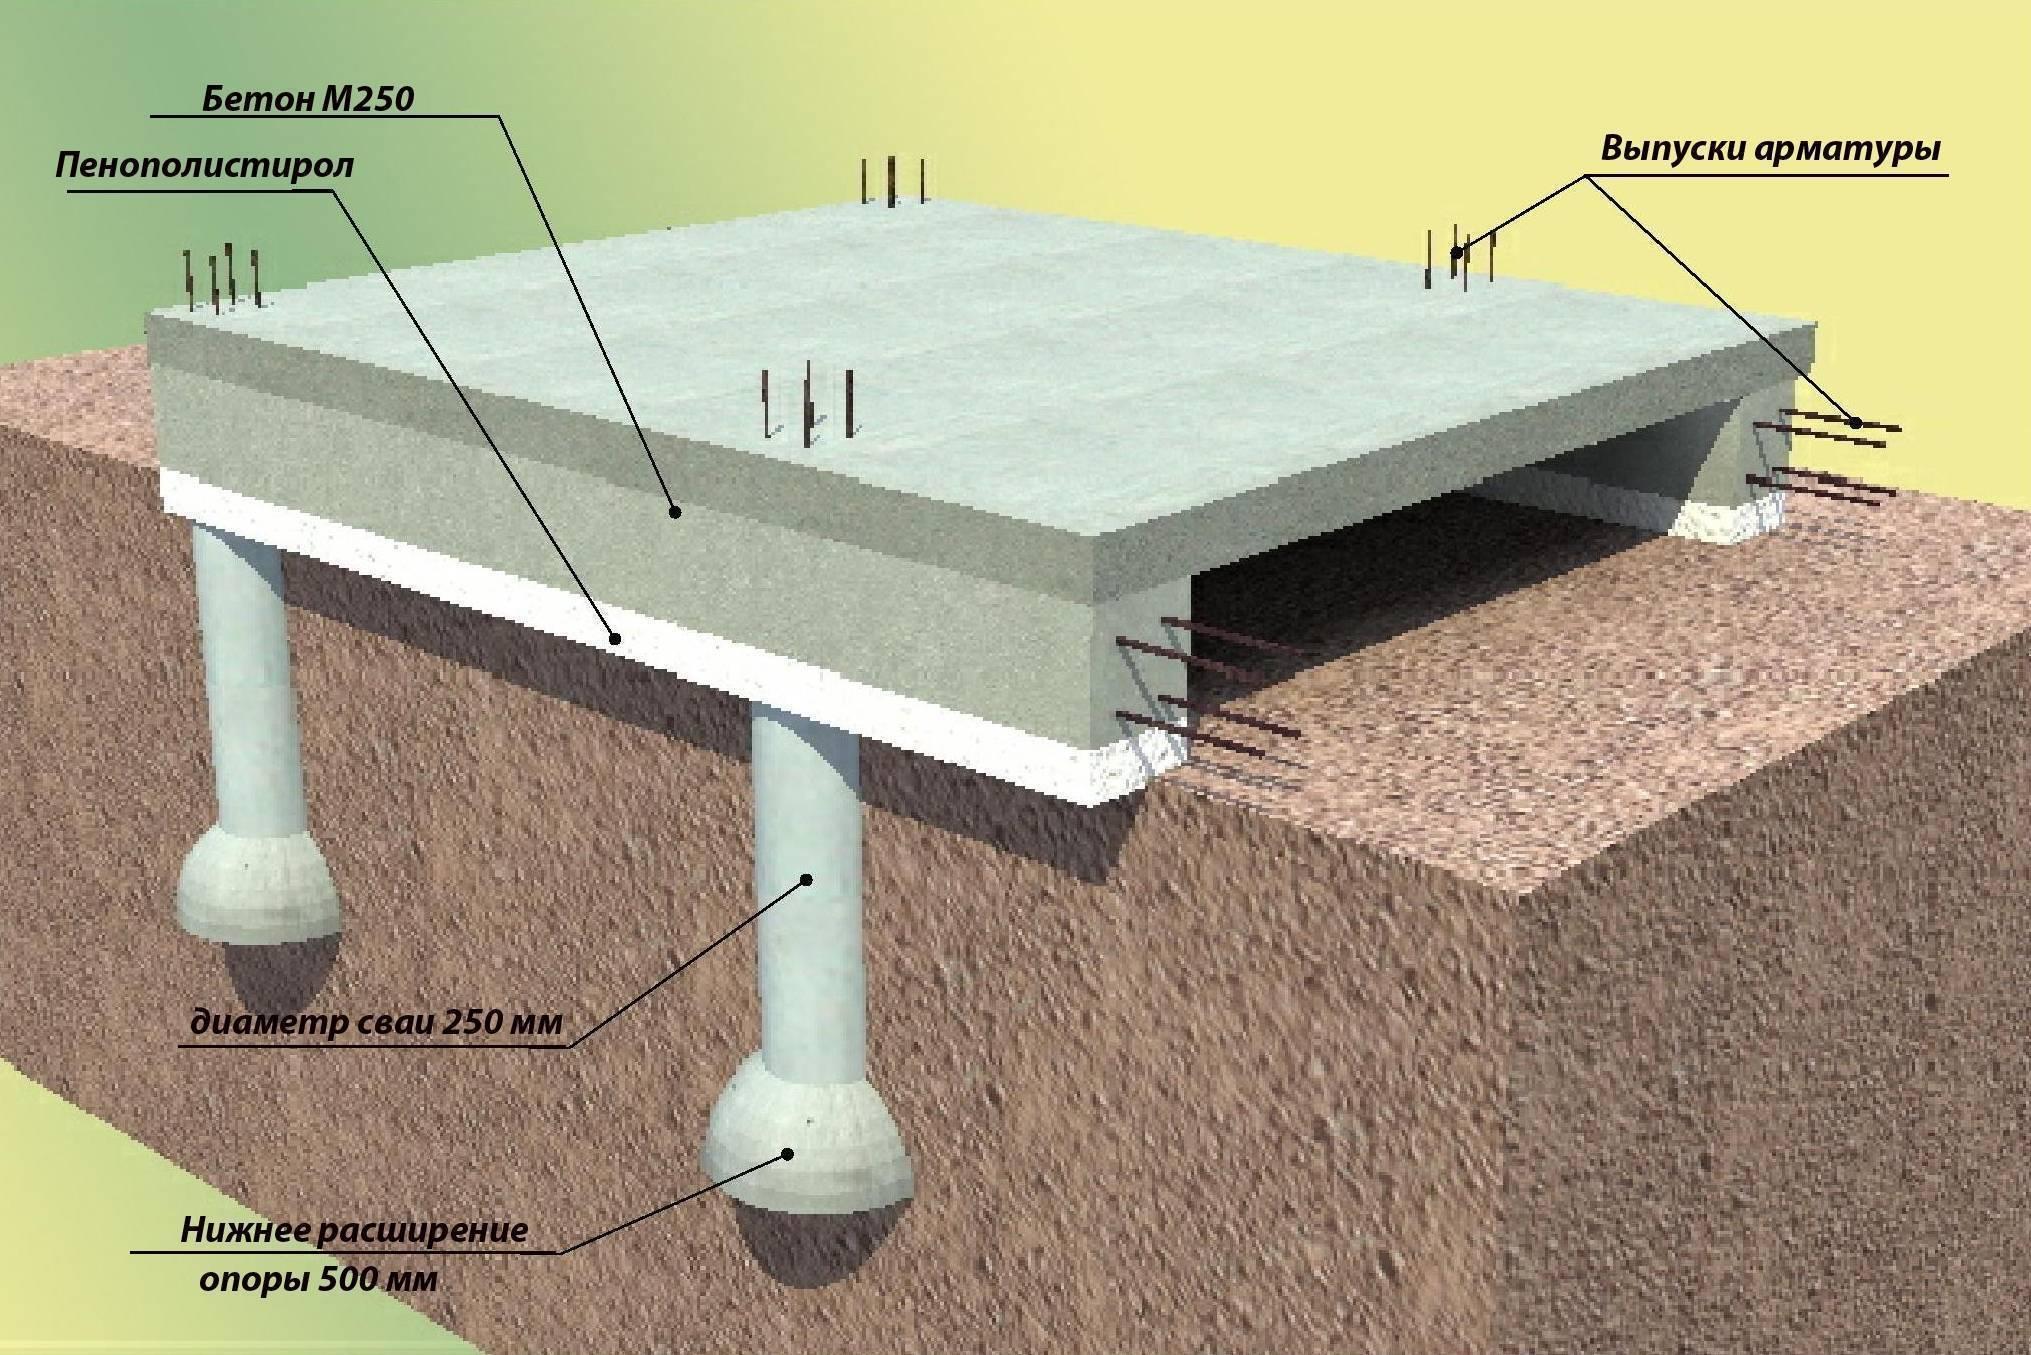 Свайный фундамент – монтаж и забивка винтовых свай. 110 фото технологии возведения фундамента